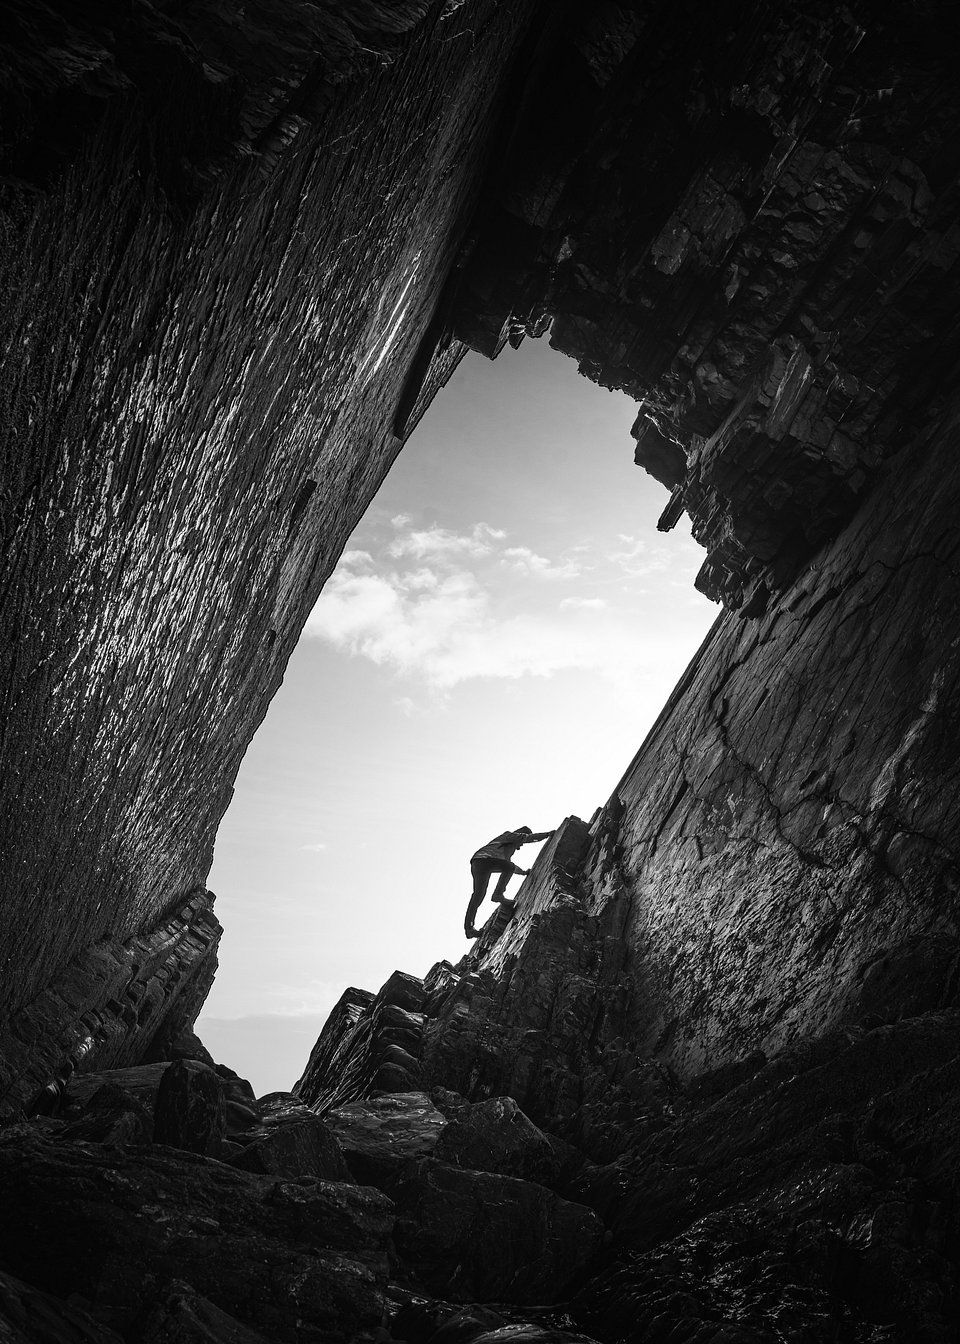 Location: BlackChurch Rock, North Devon, UK